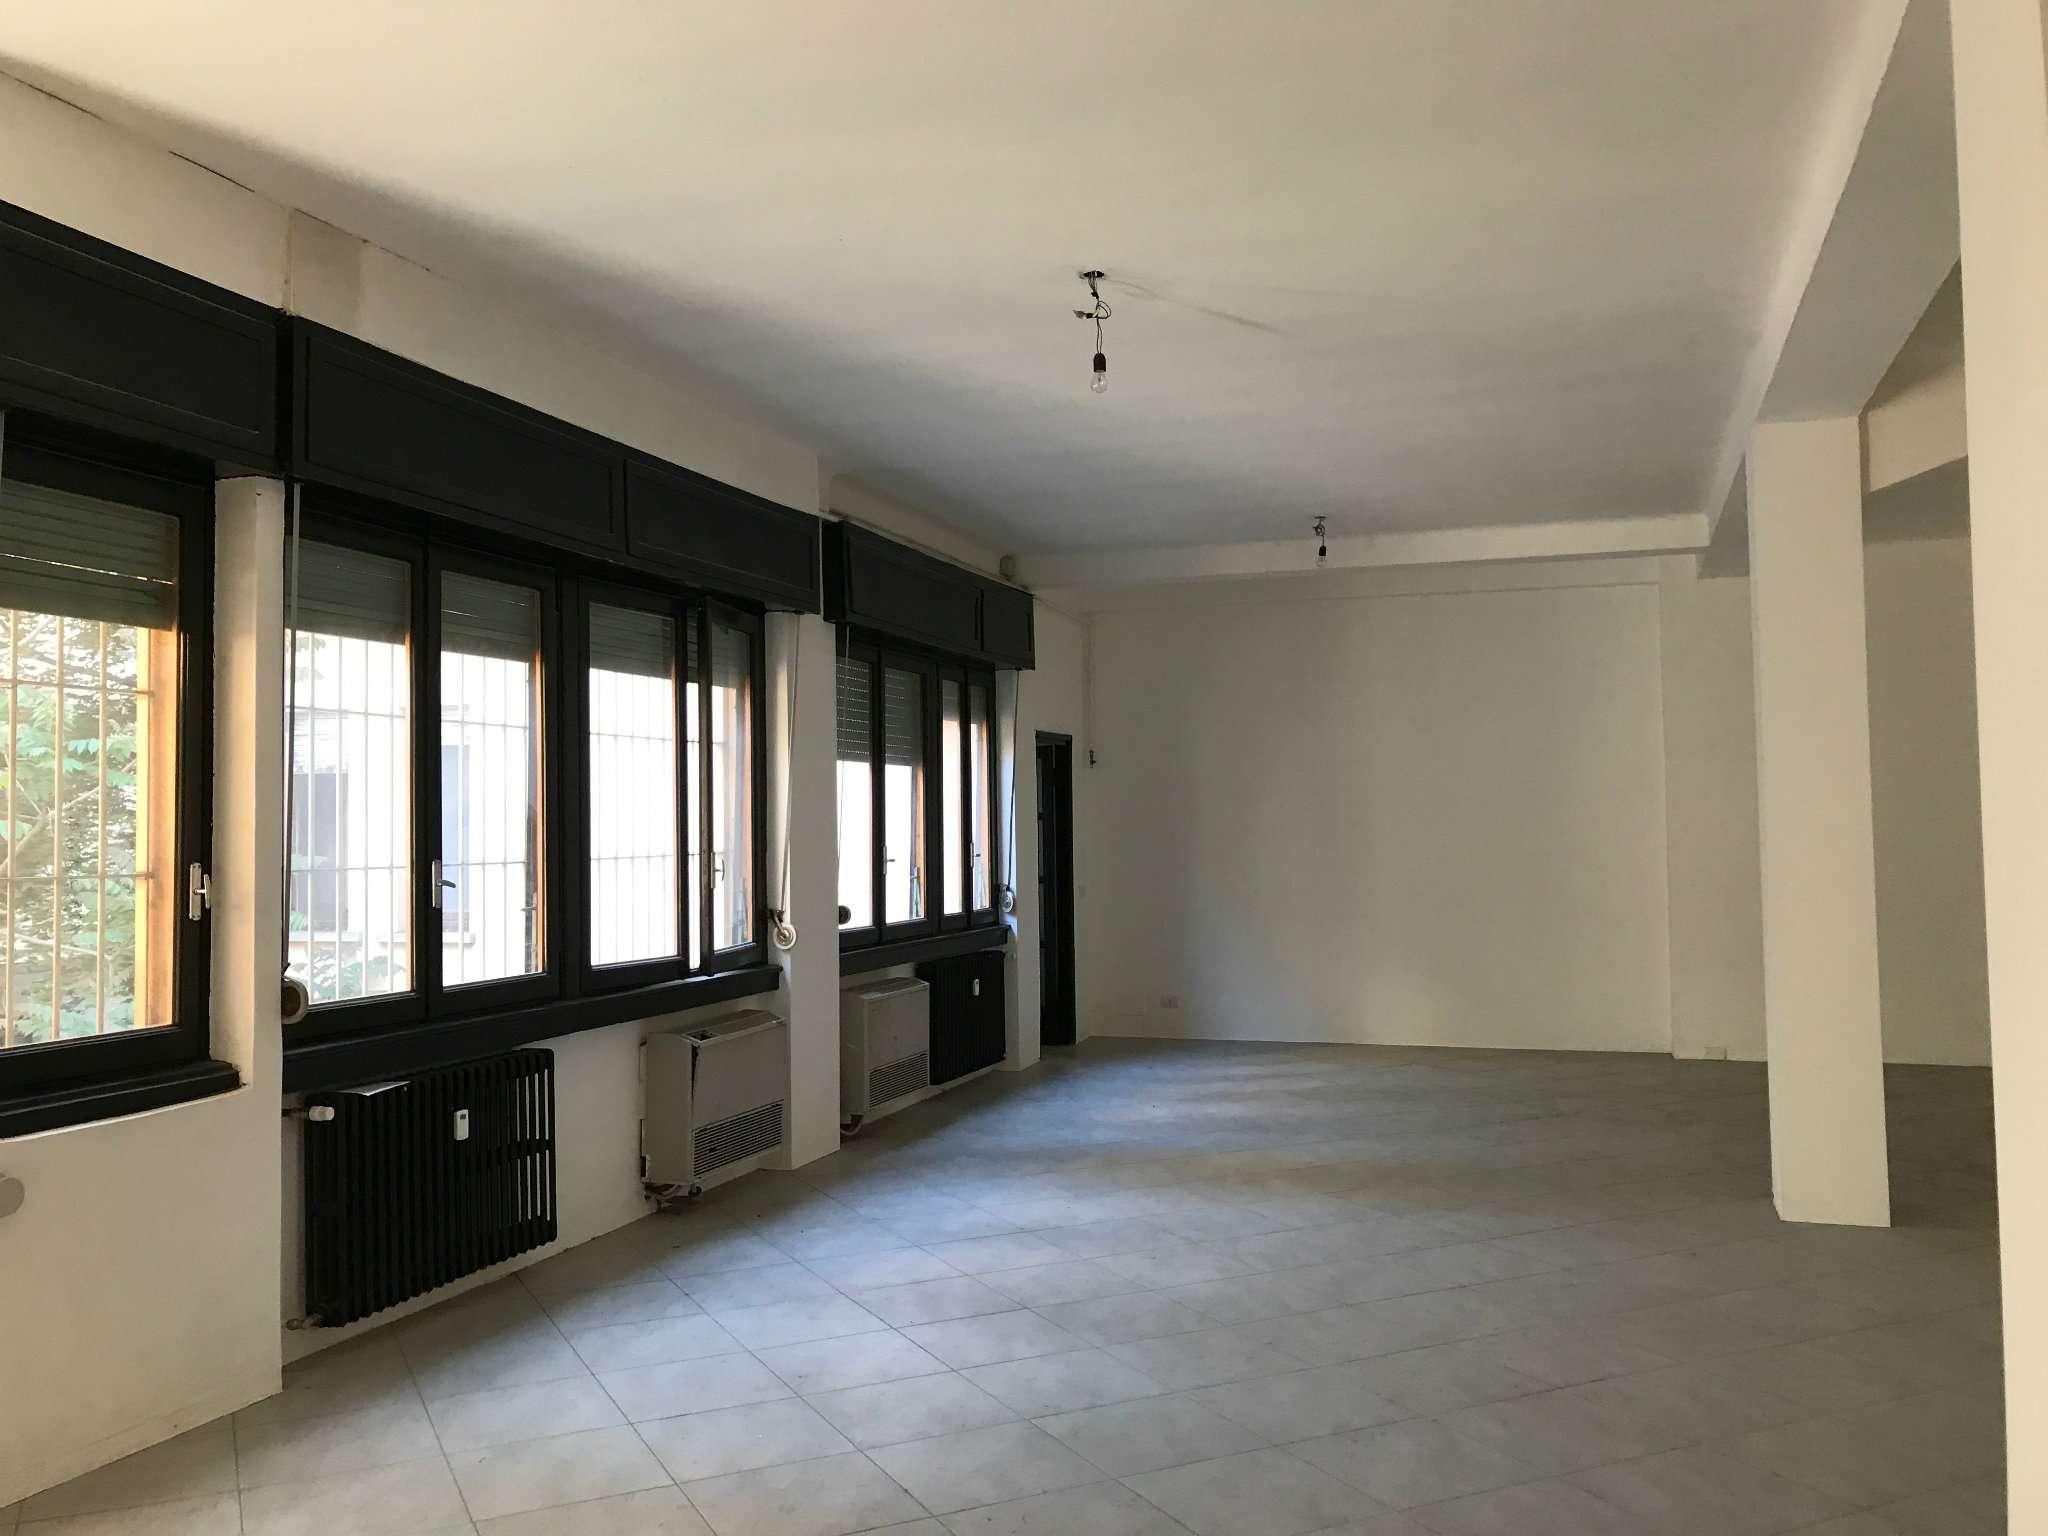 Ufficio Open Space Milano Affitto : Loft openspace milano affitto u ac zona centro storico